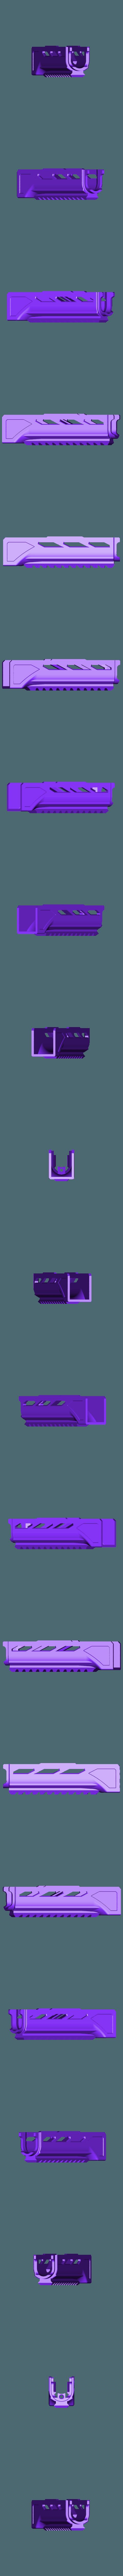 3dtac_akcmp_ris_lower_V4.stl Download STL file 3DTAC / AK Complete Modular Package (Airsoft only) • 3D printable object, 3DMX